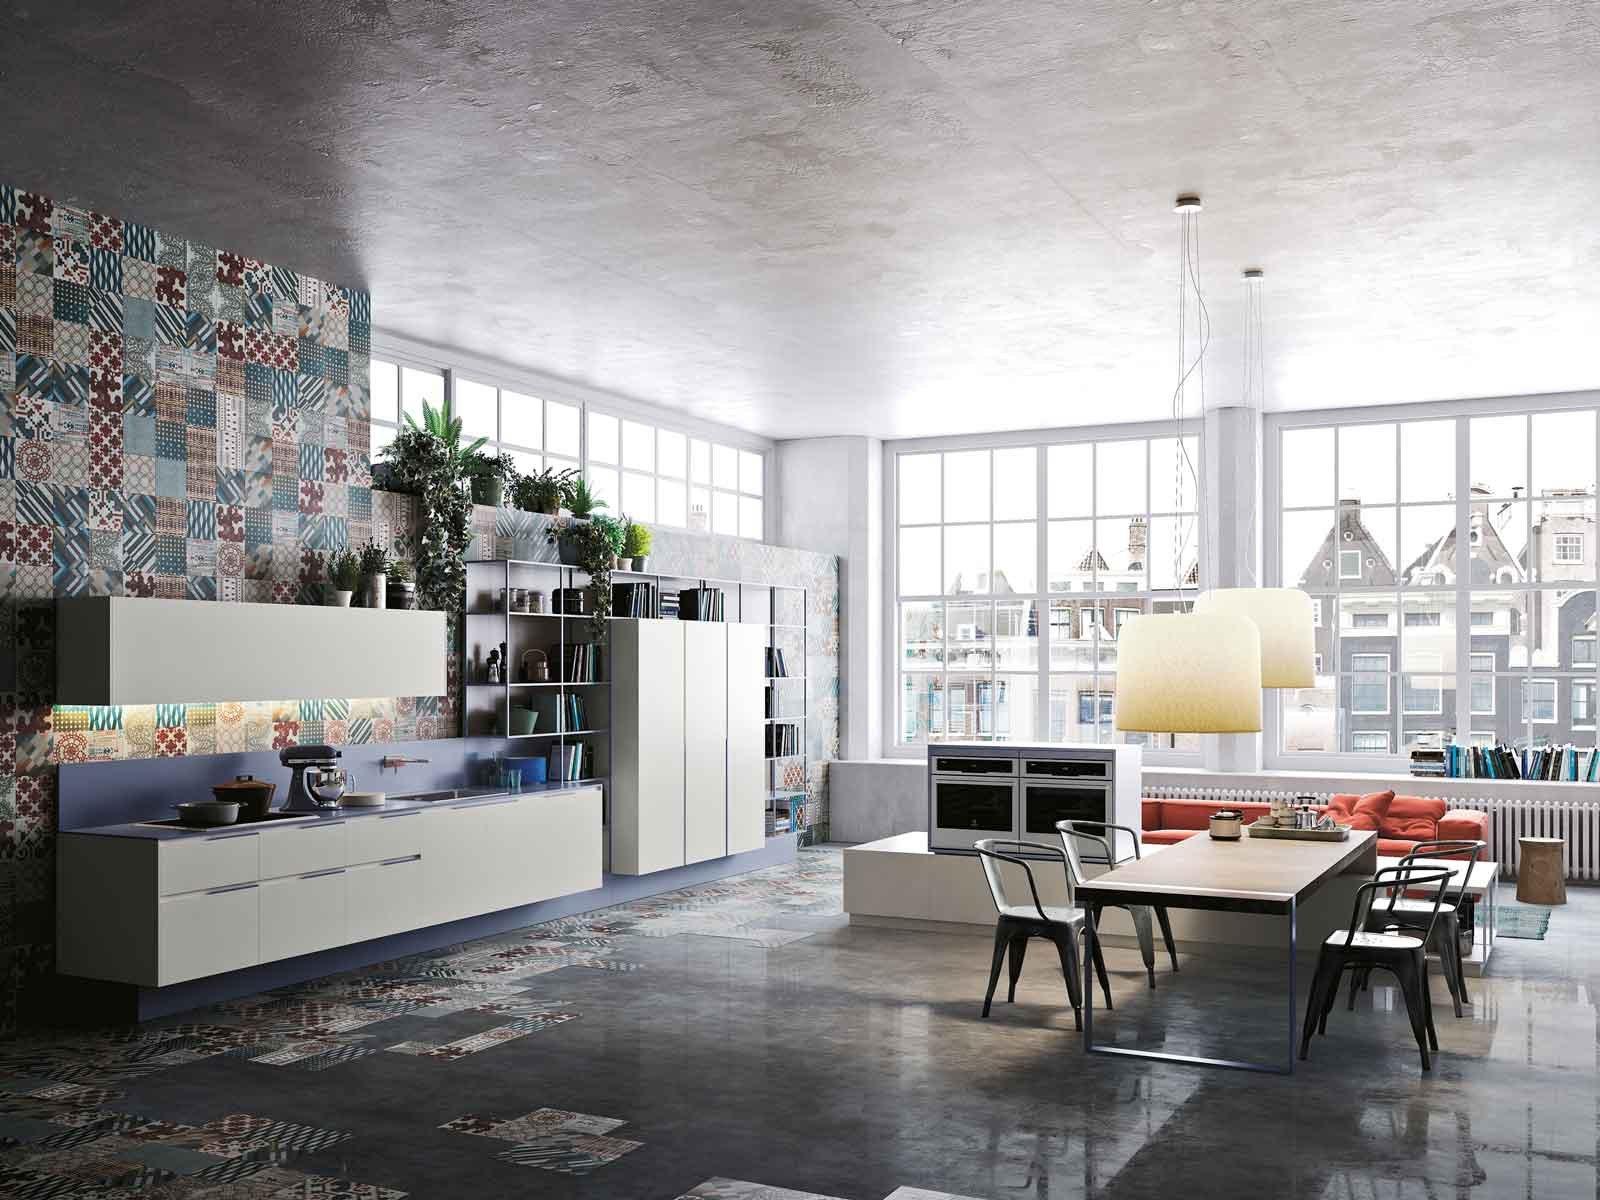 14 modelli di cucina a vista, laccate o in legno, classiche o moderne, industrial o minimal. Cucina E Soggiorno In Un Unico Ambiente 3 Stili Cose Di Casa